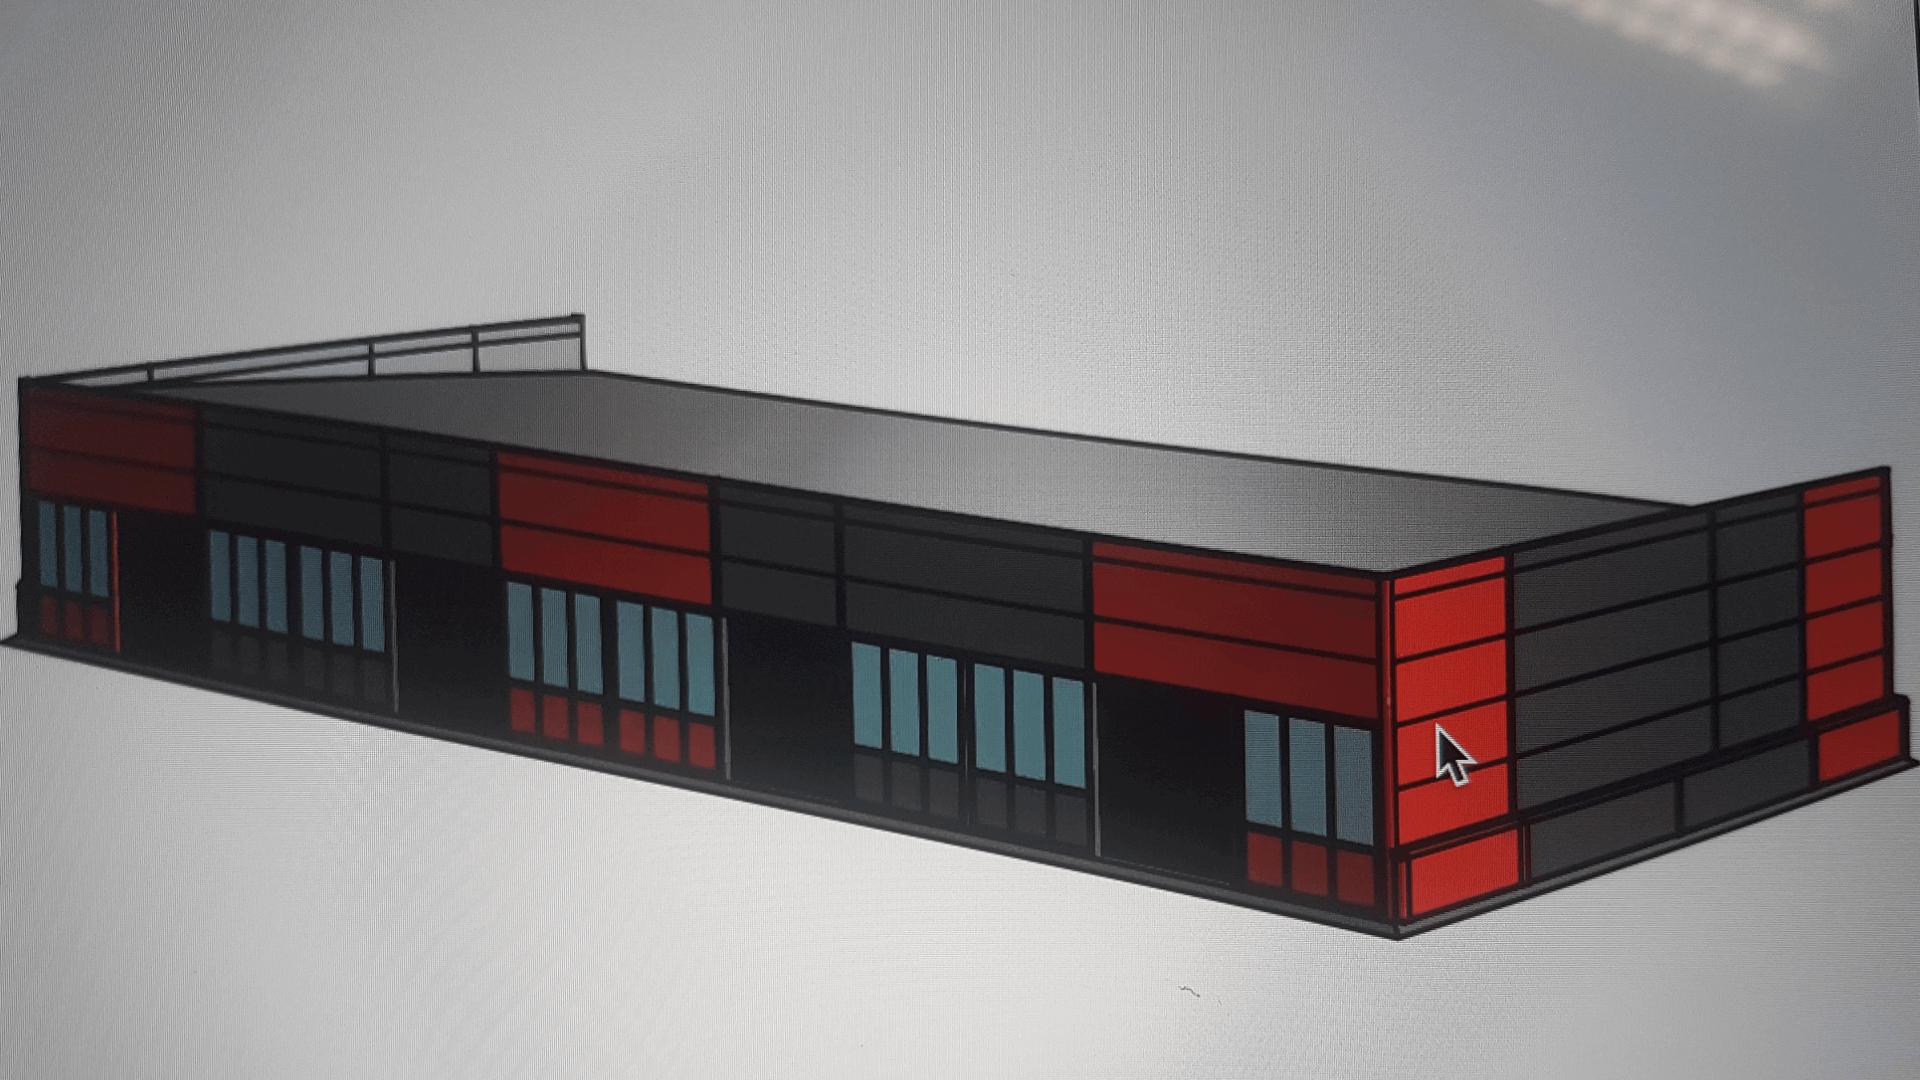 Строительство торгового павильона по адресу: МО, Чеховский район, д. Манушкино